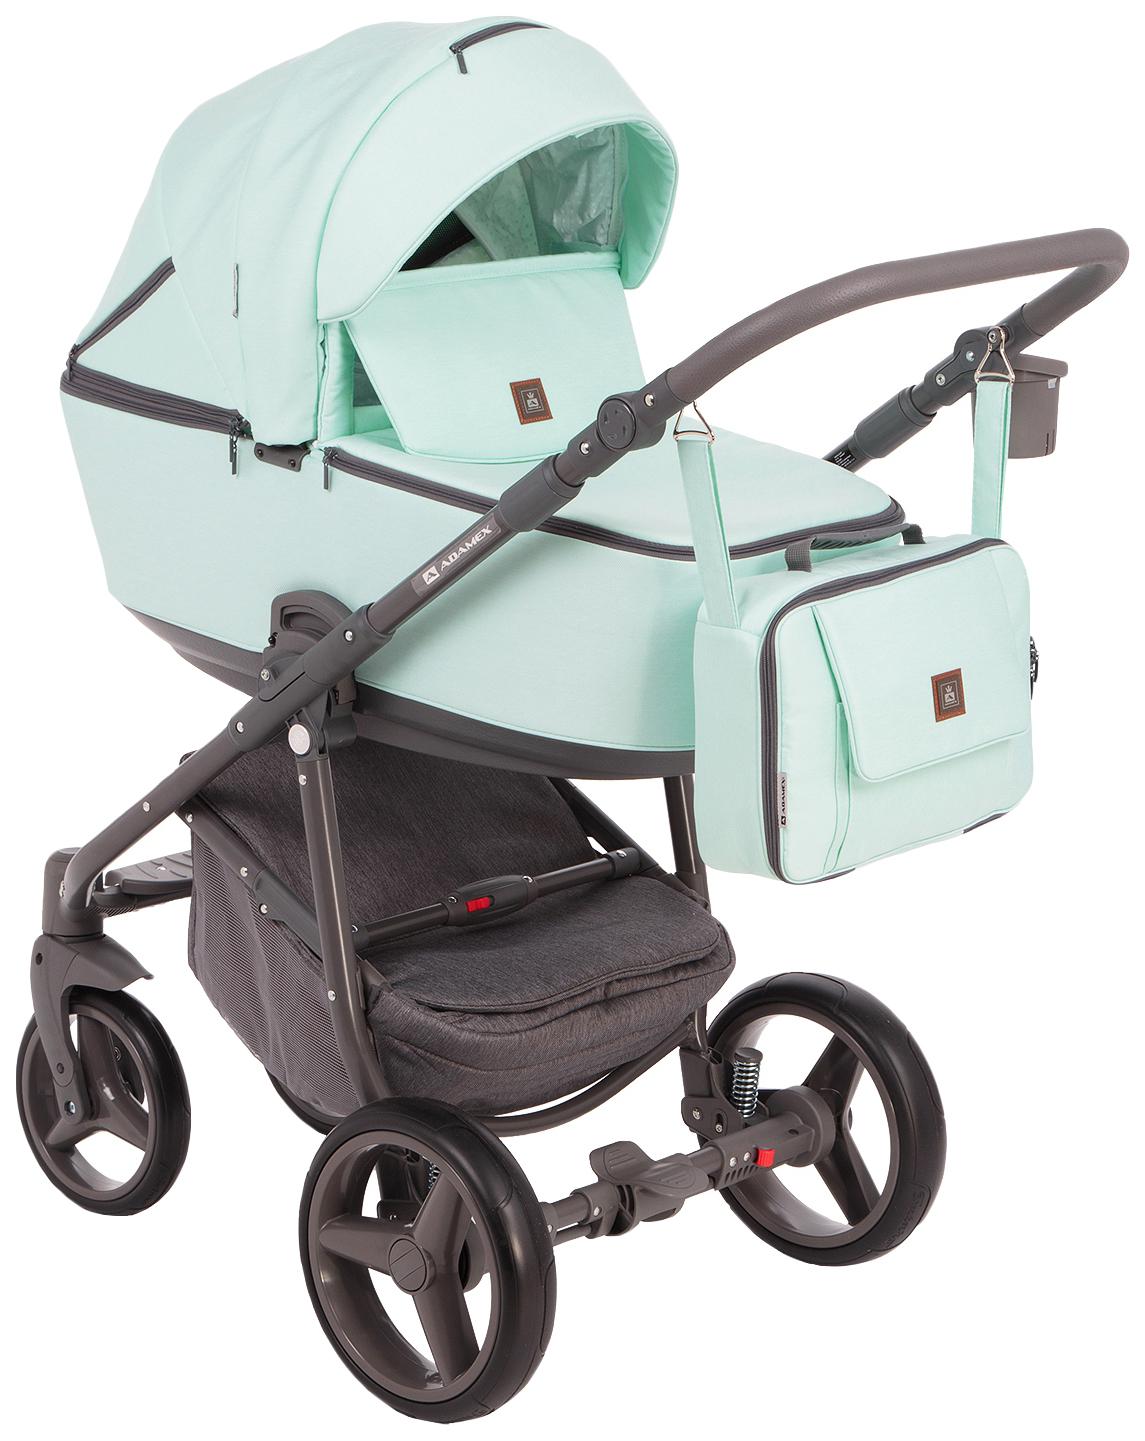 Купить Коляска 2 в 1 Adamex Barcelona BR-43 цвет мятный, Детские коляски 2 в 1